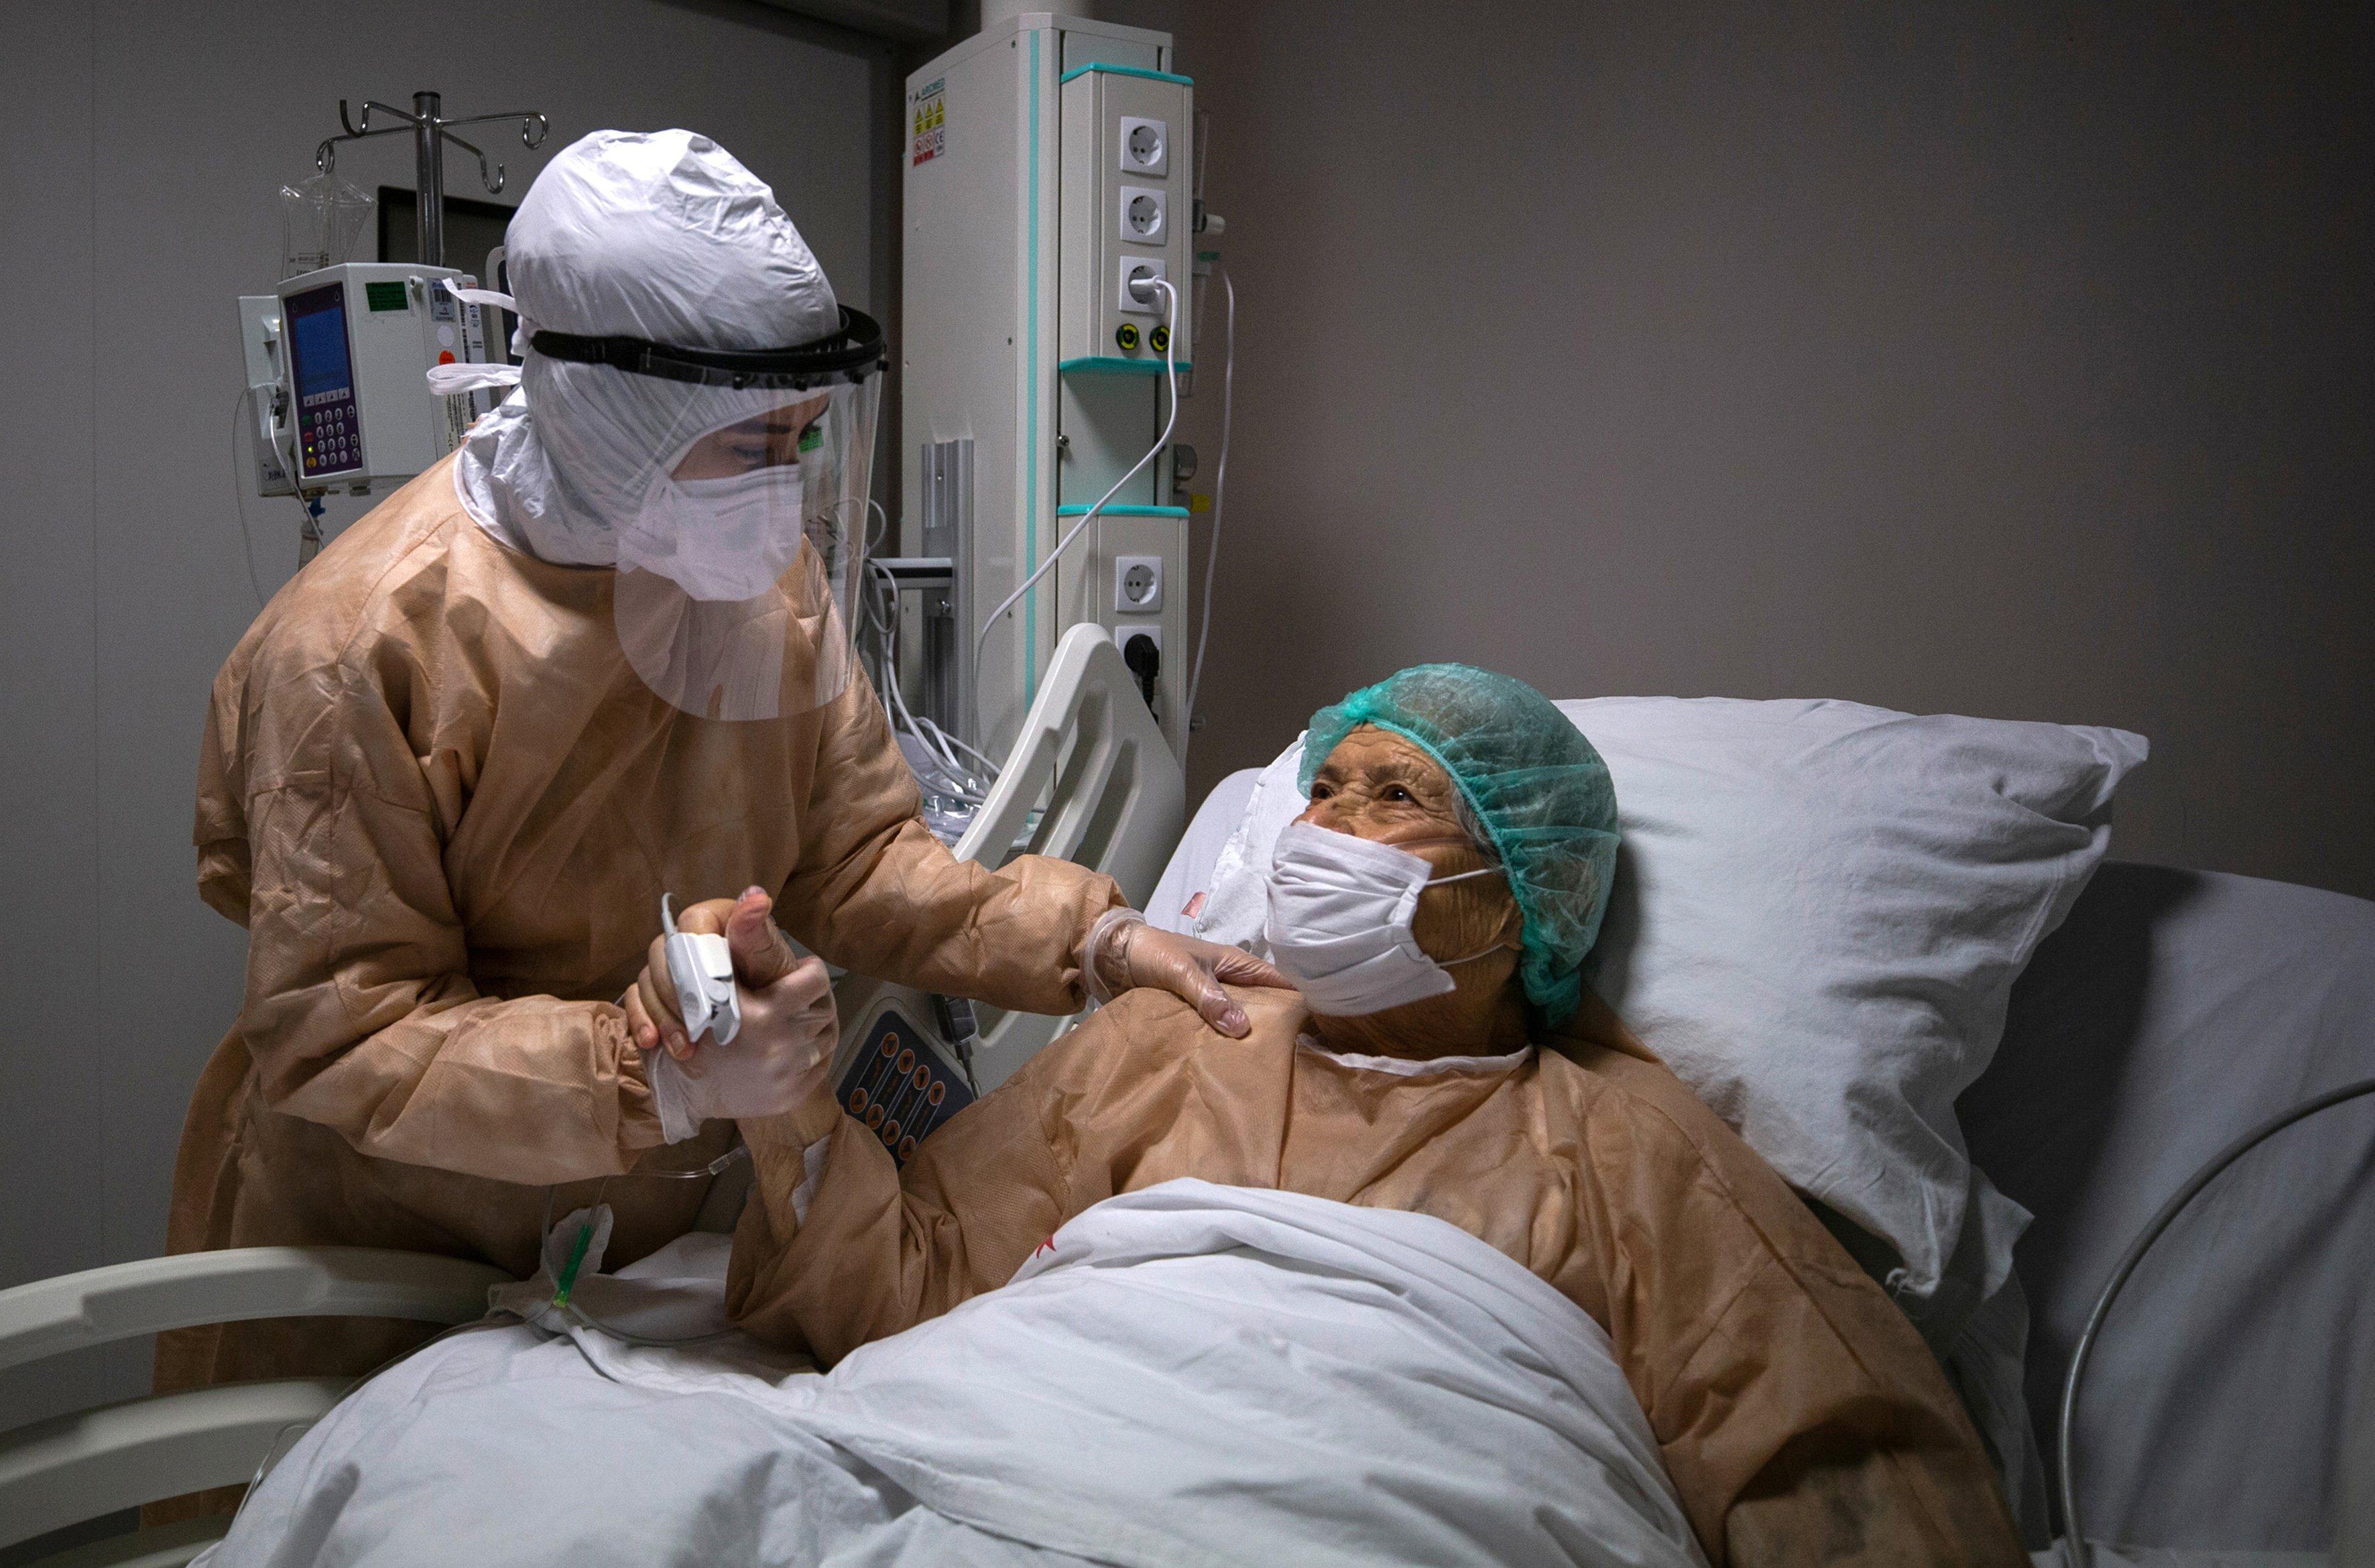 Nurses' heavy duty on coronavirus ahead of International Nurses